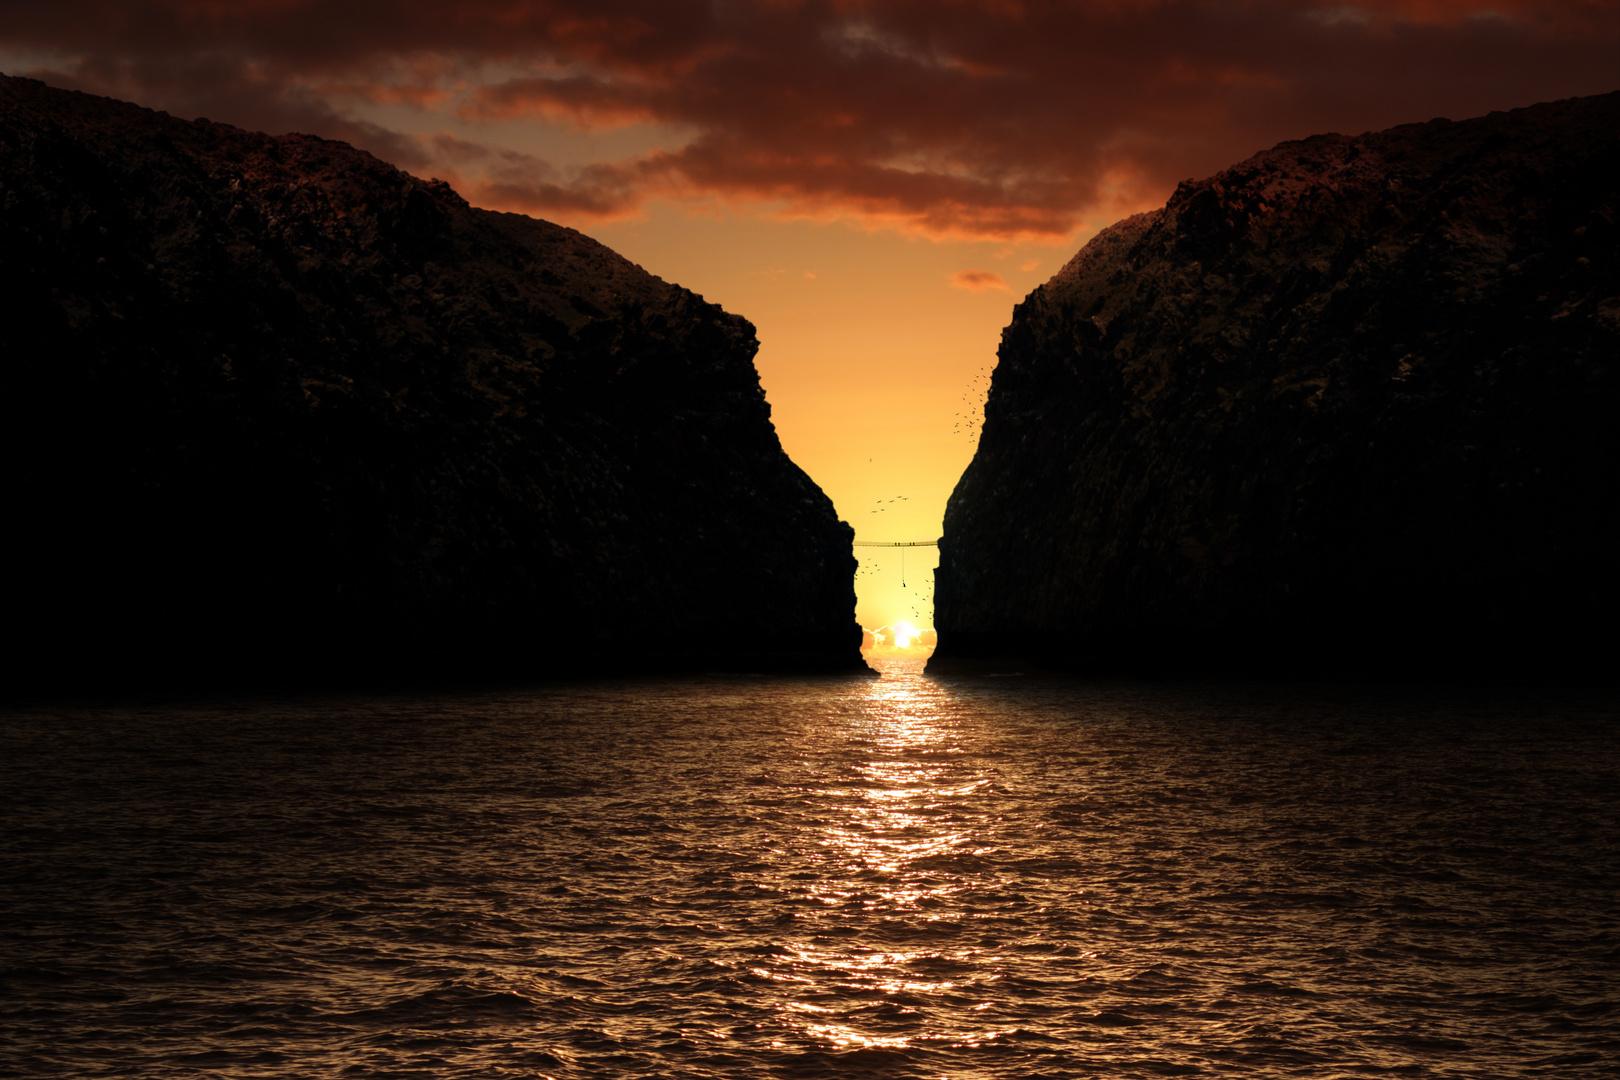 Sonnenuntergang an ungewöhnlichen Orten